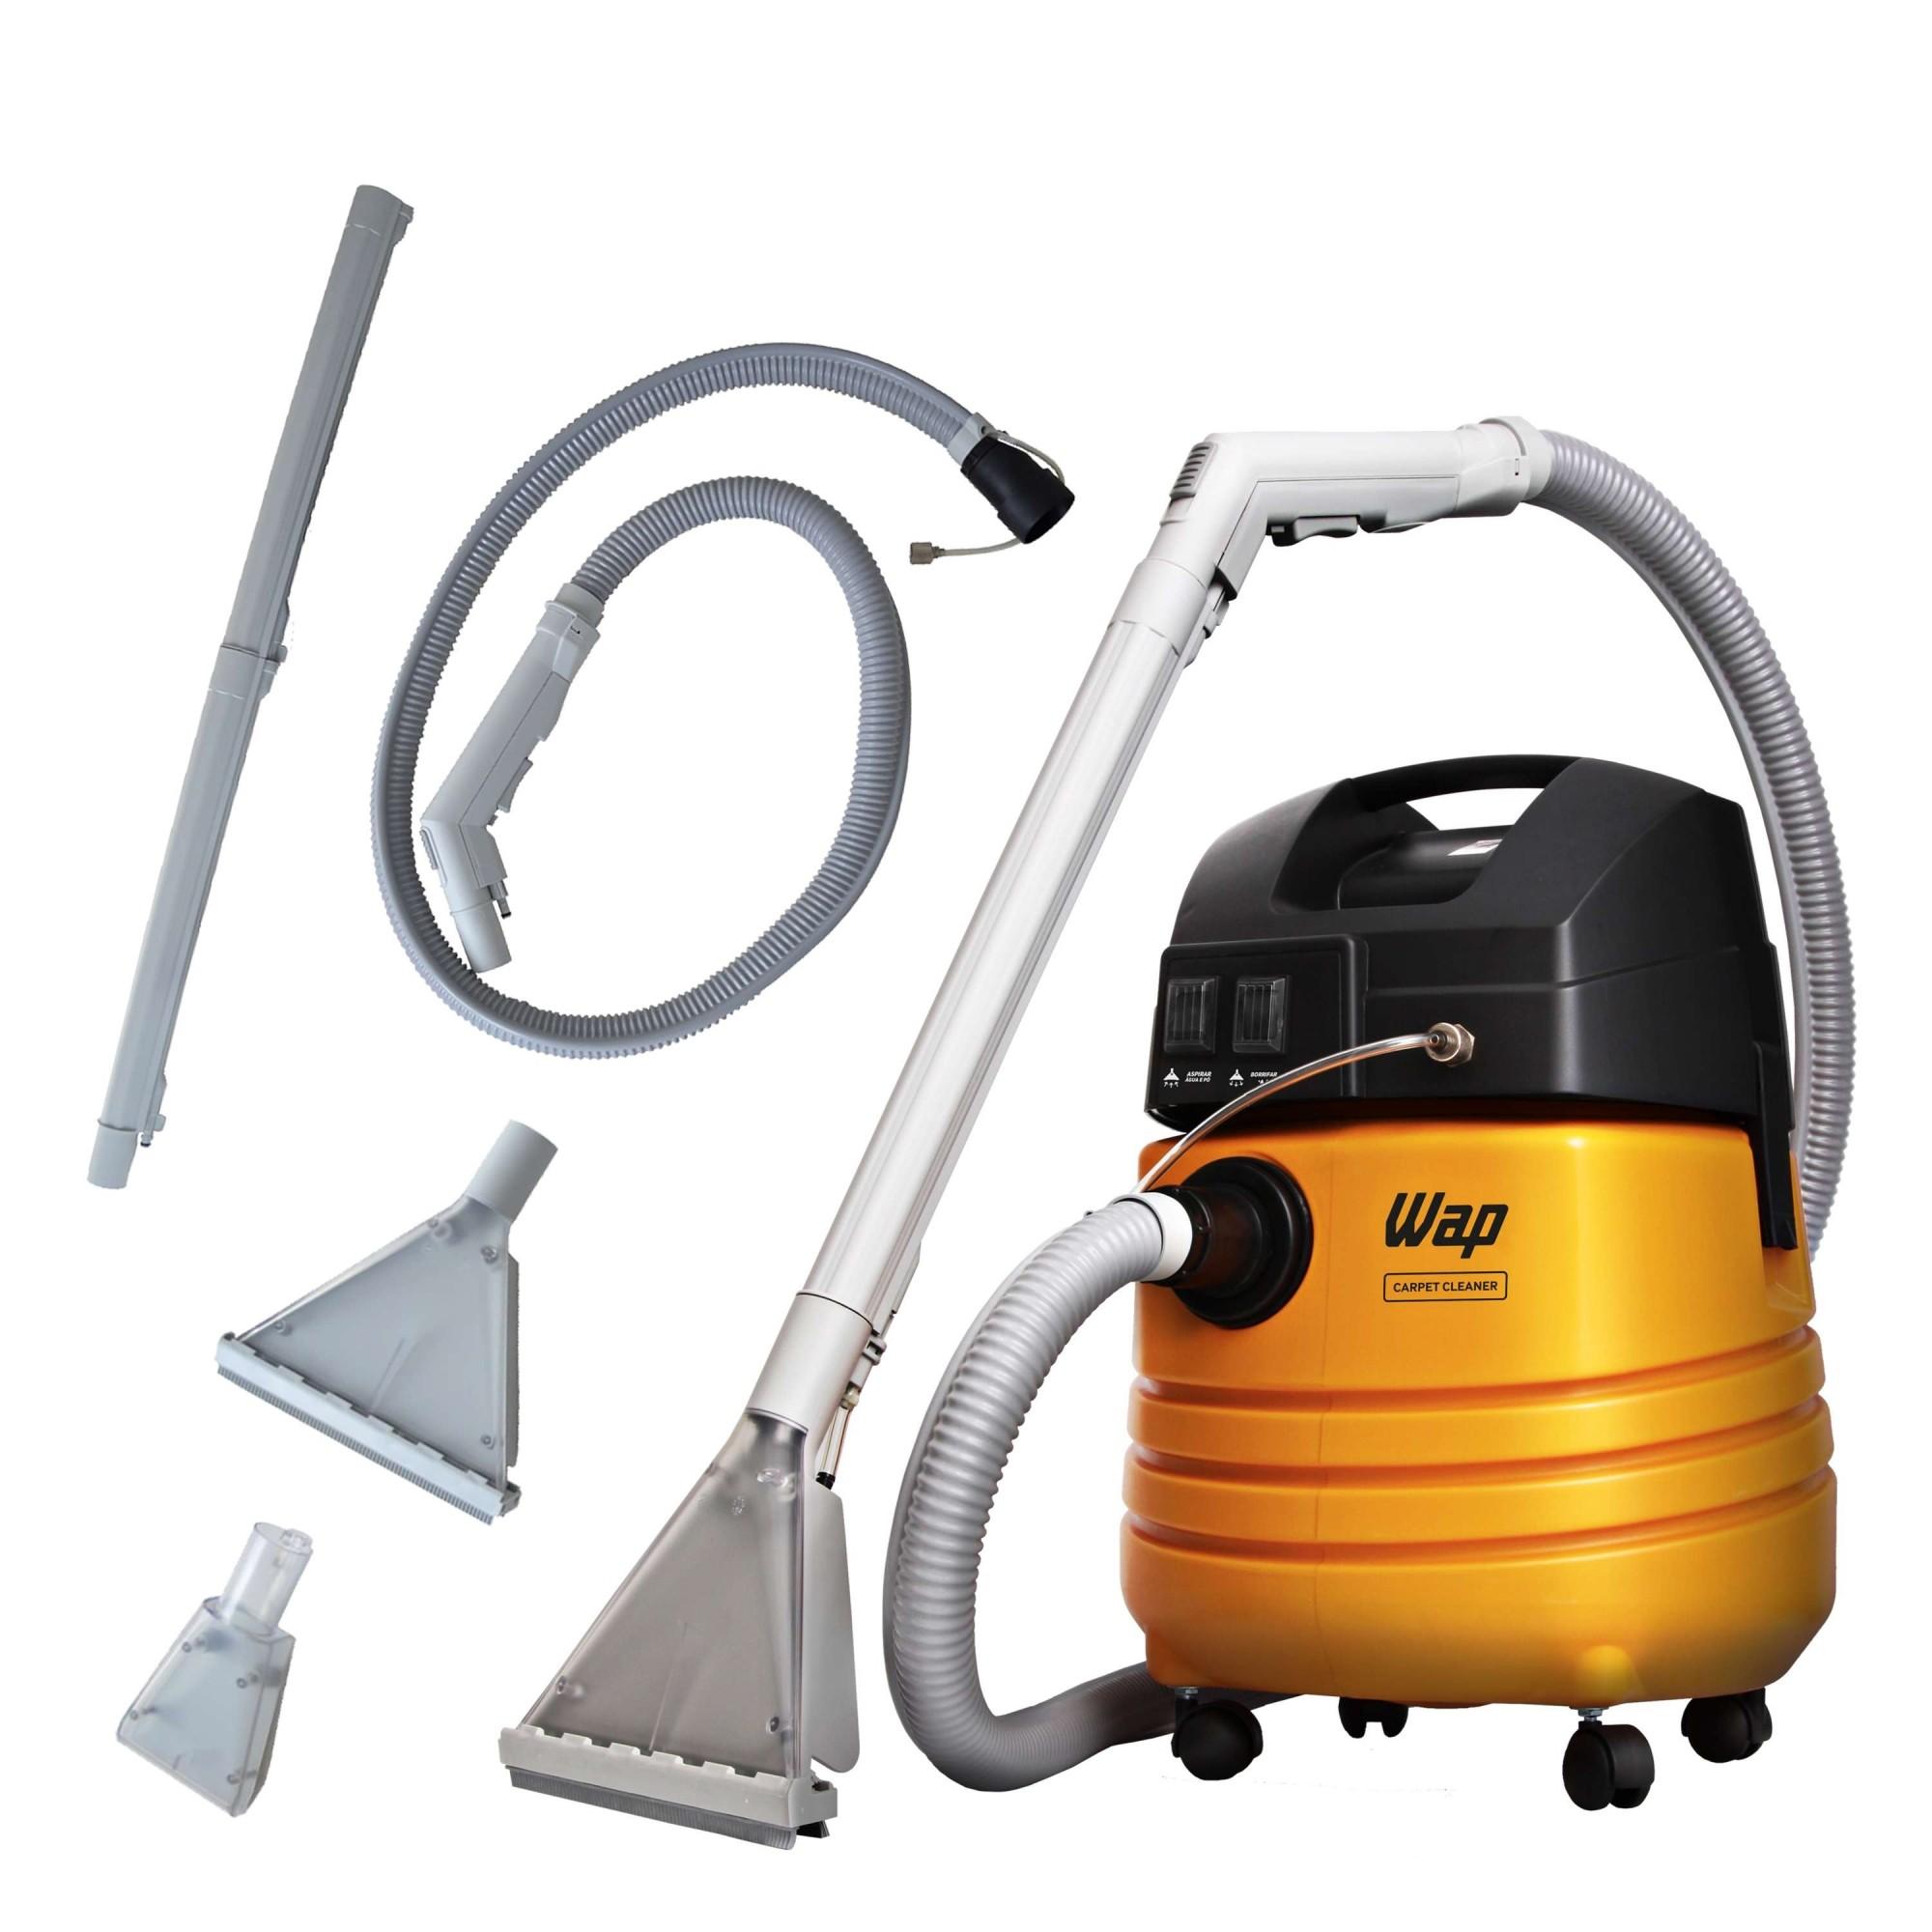 Aspirador Wap Extratora Carpet Cleaner 25 Litros 127V